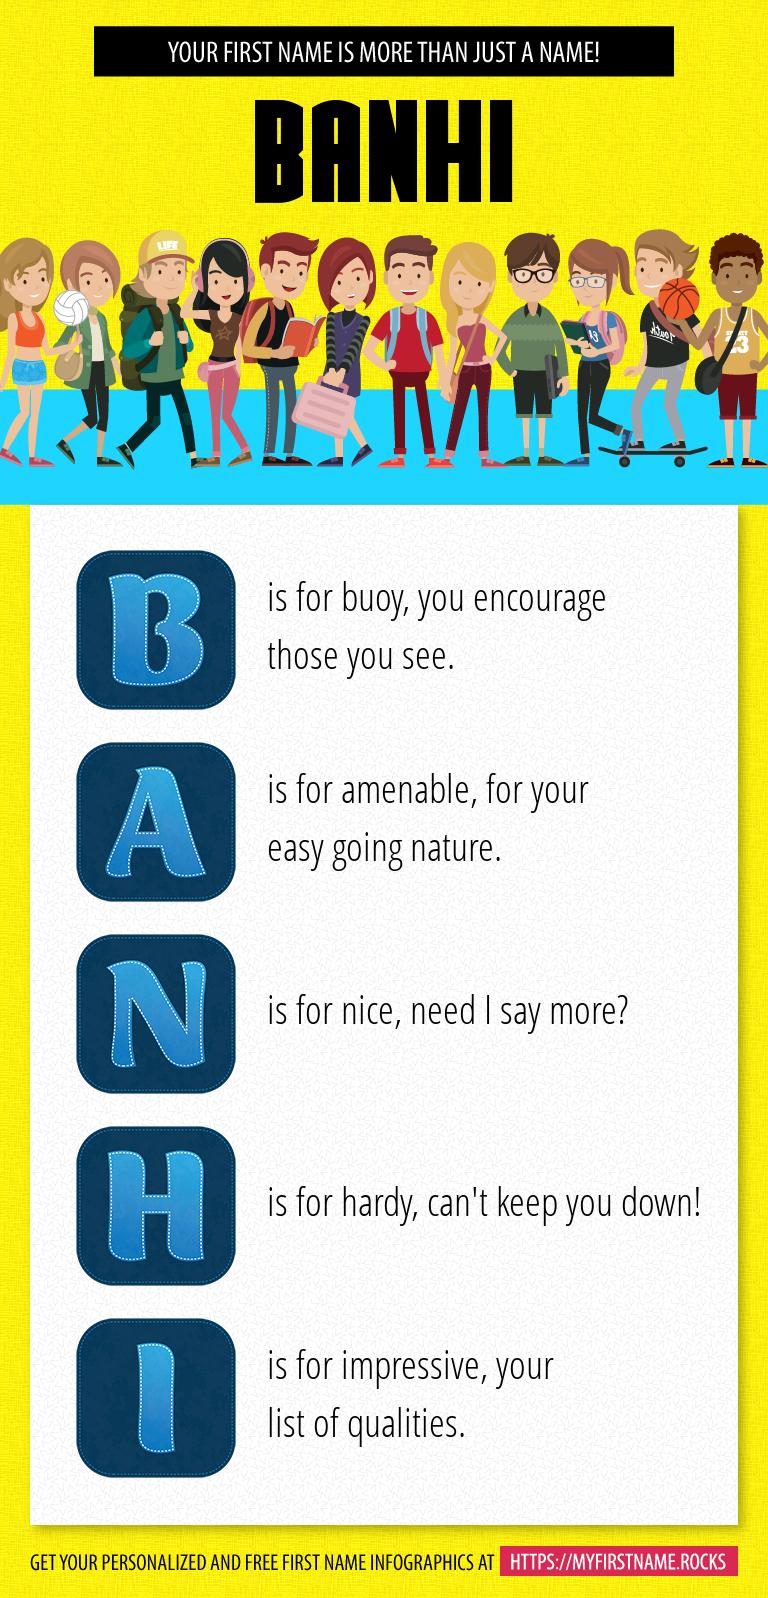 Banhi Infographics